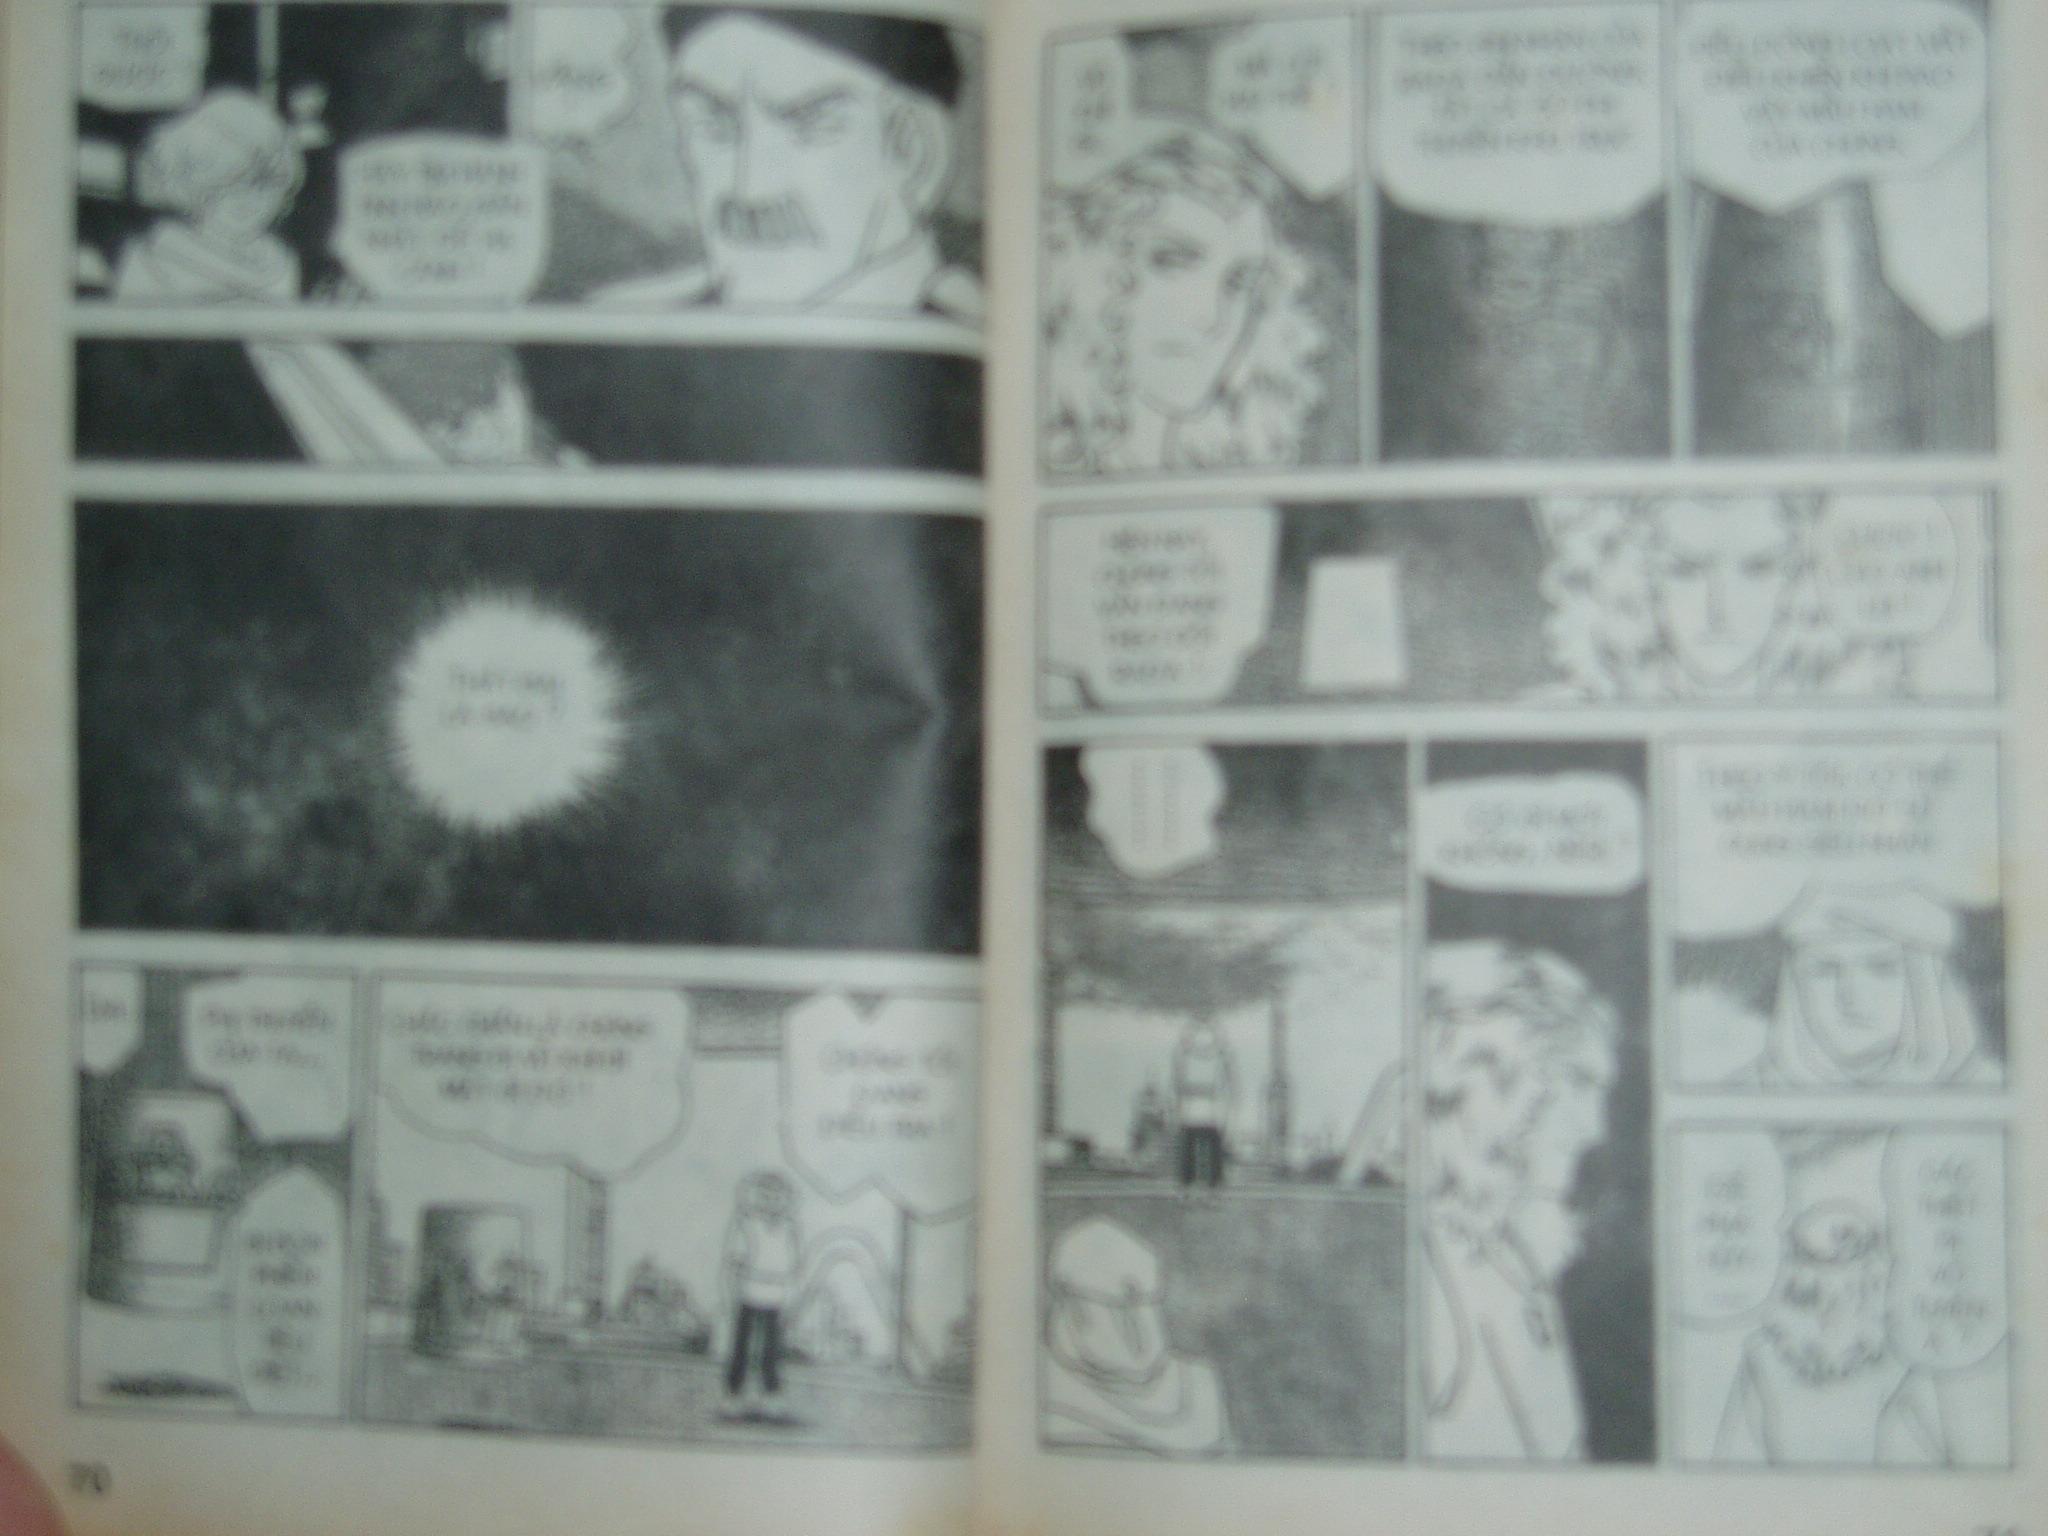 Siêu nhân Locke vol 17 trang 34